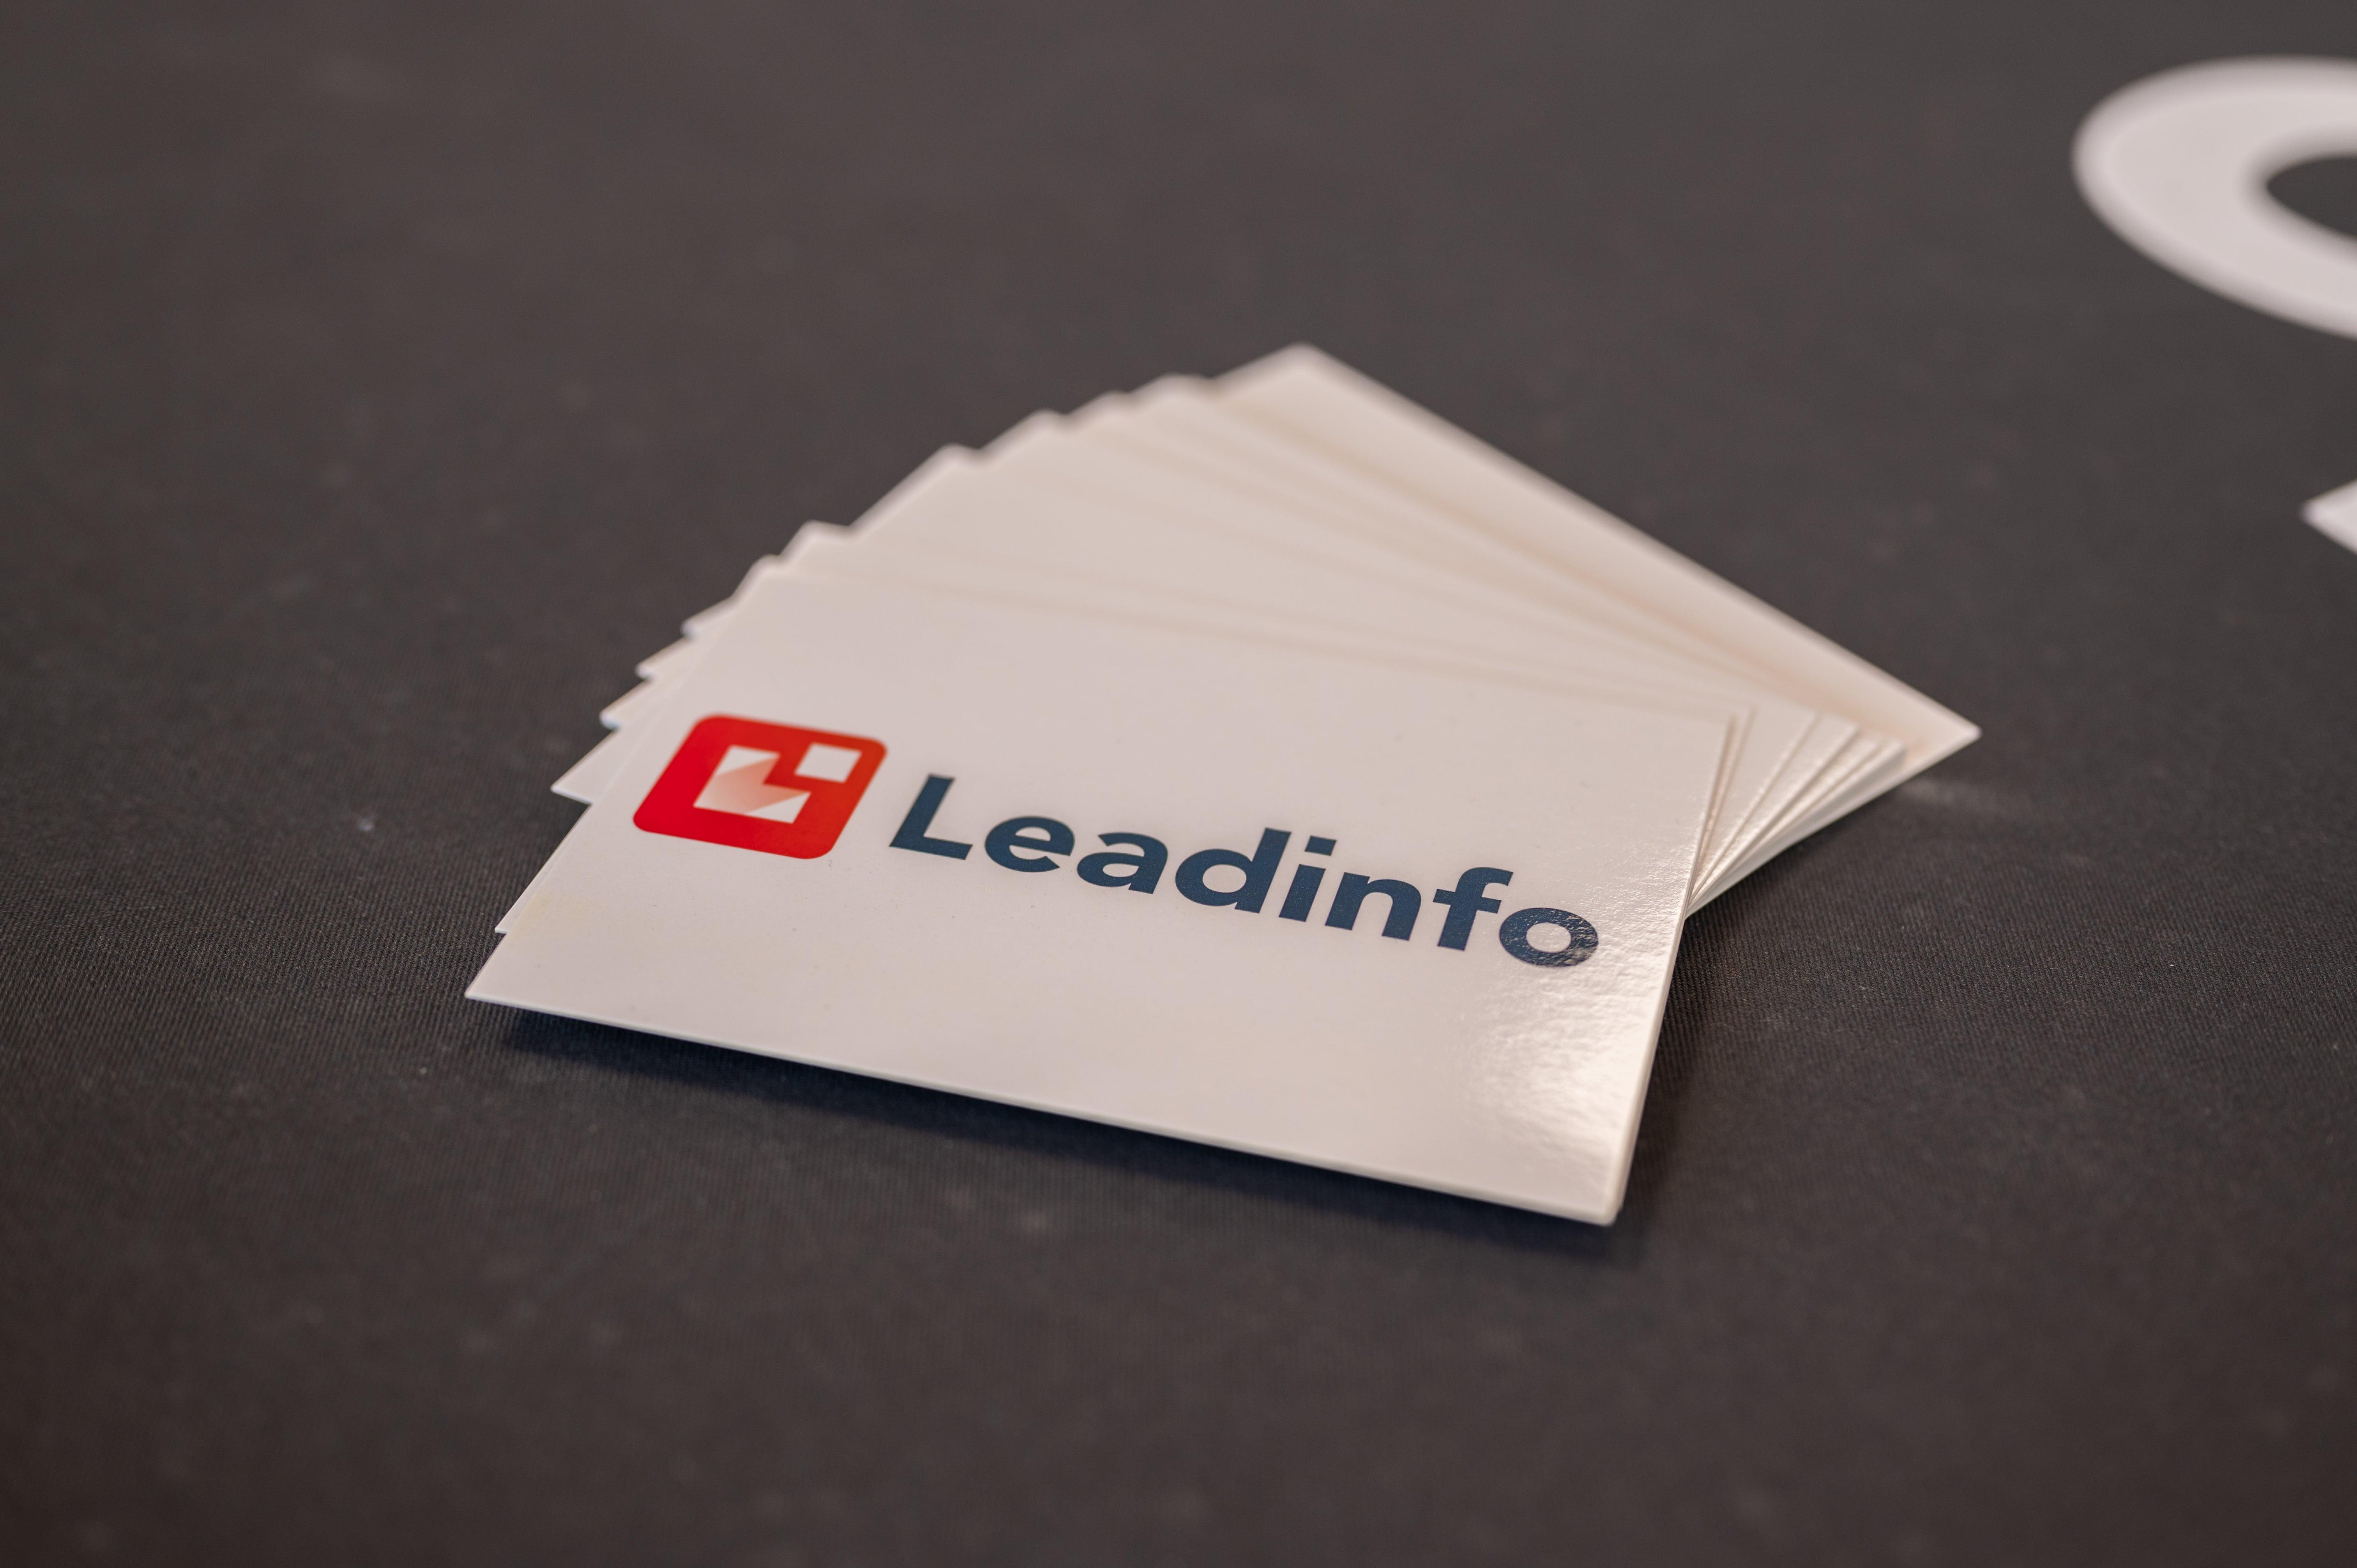 Leadinfo business cards spread out in a fan shape